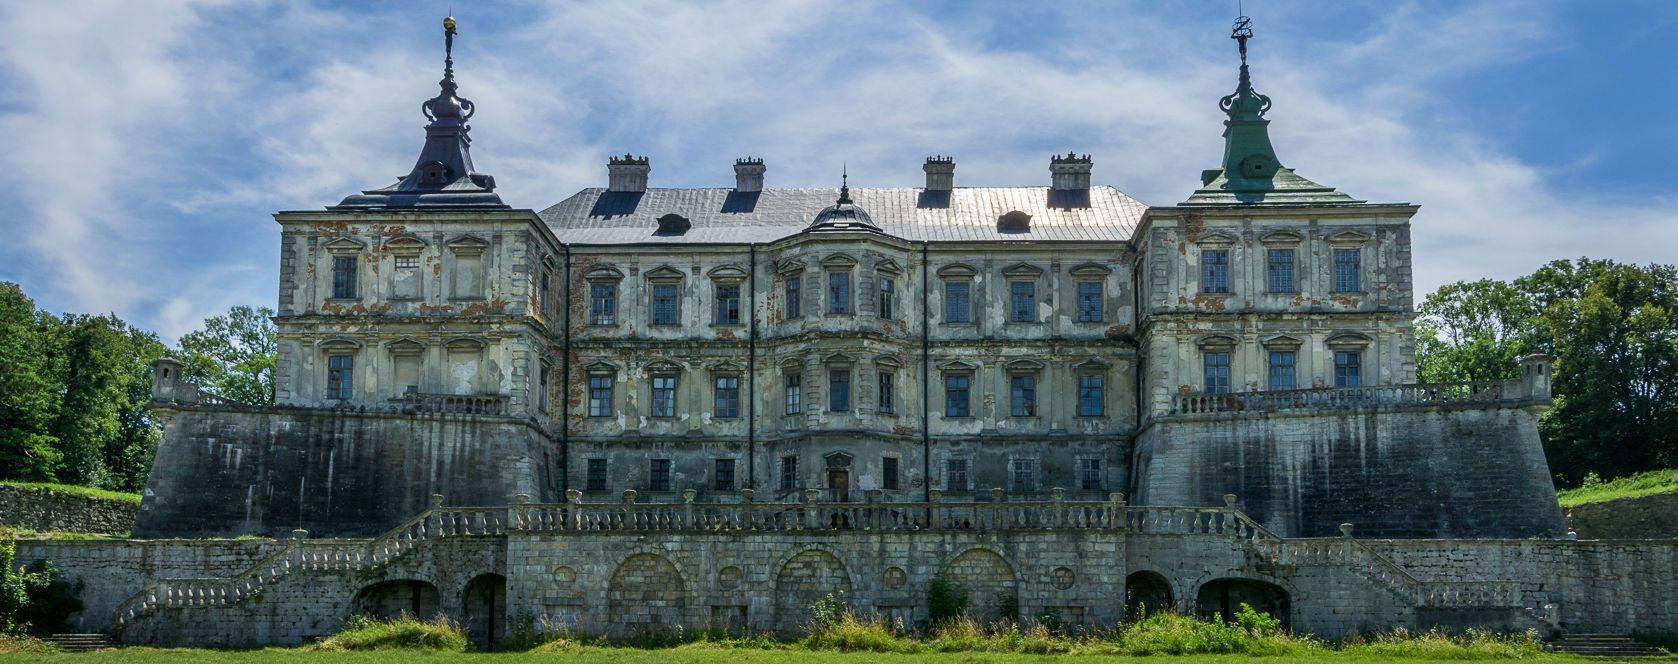 Підгірці, Підгорецький замок